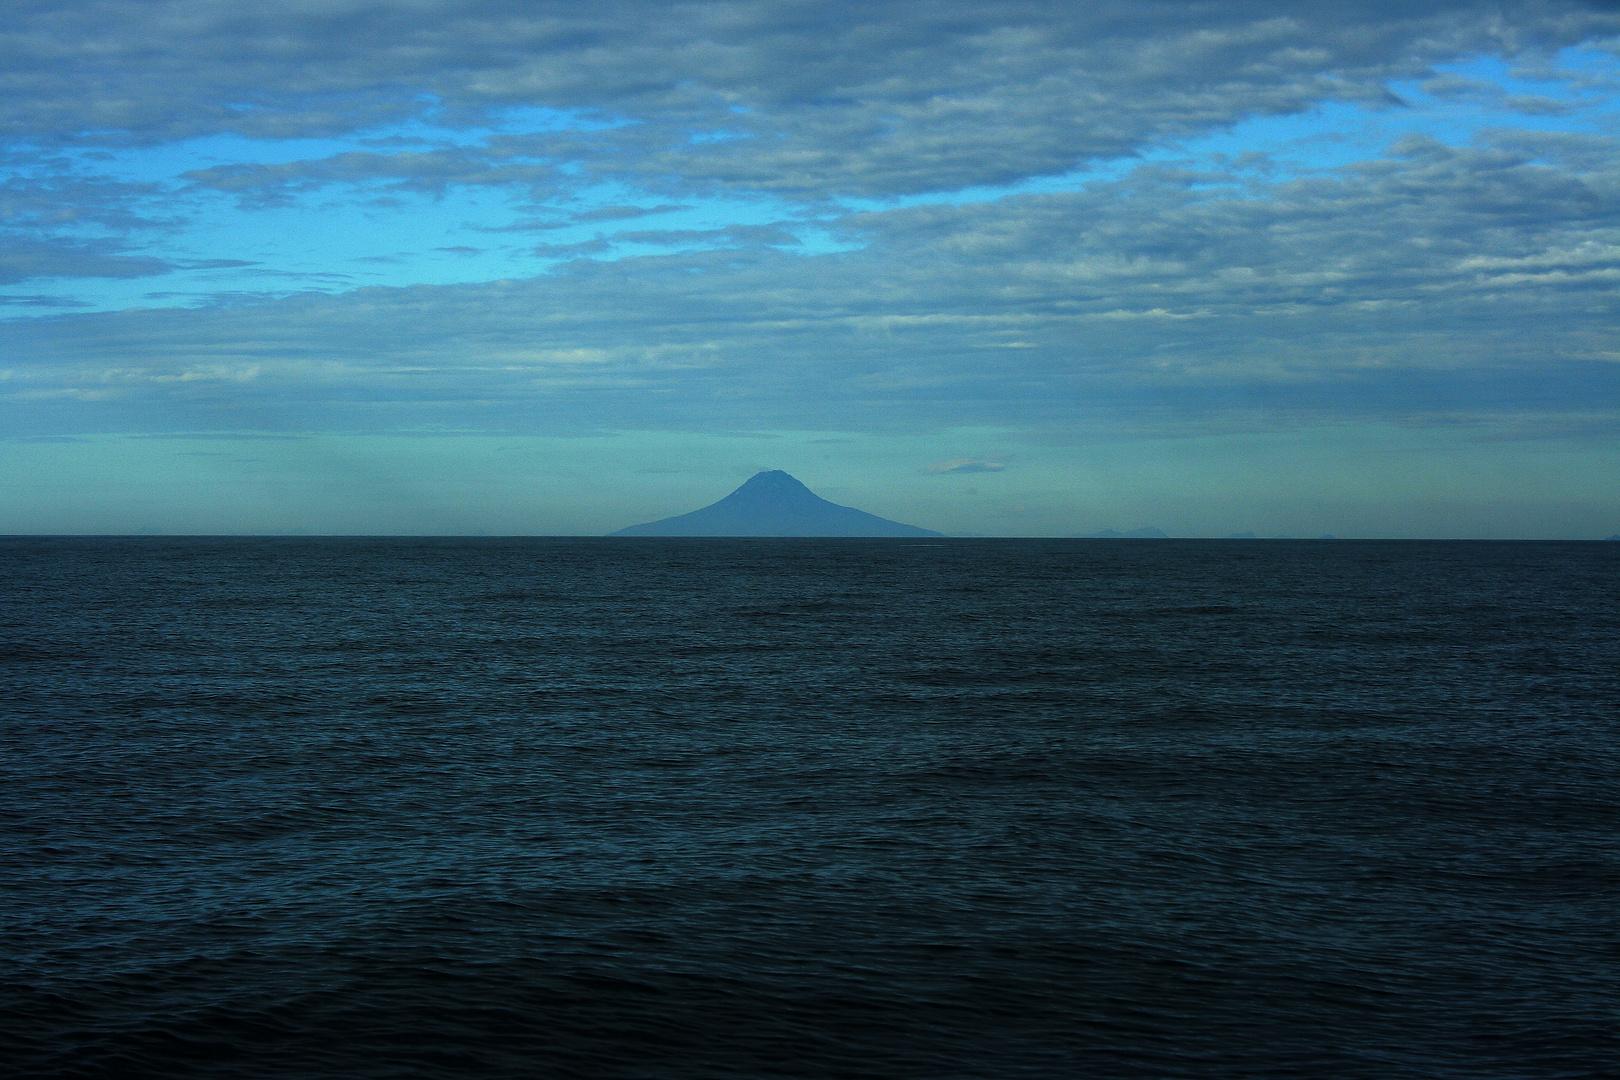 Vulkan Alaska